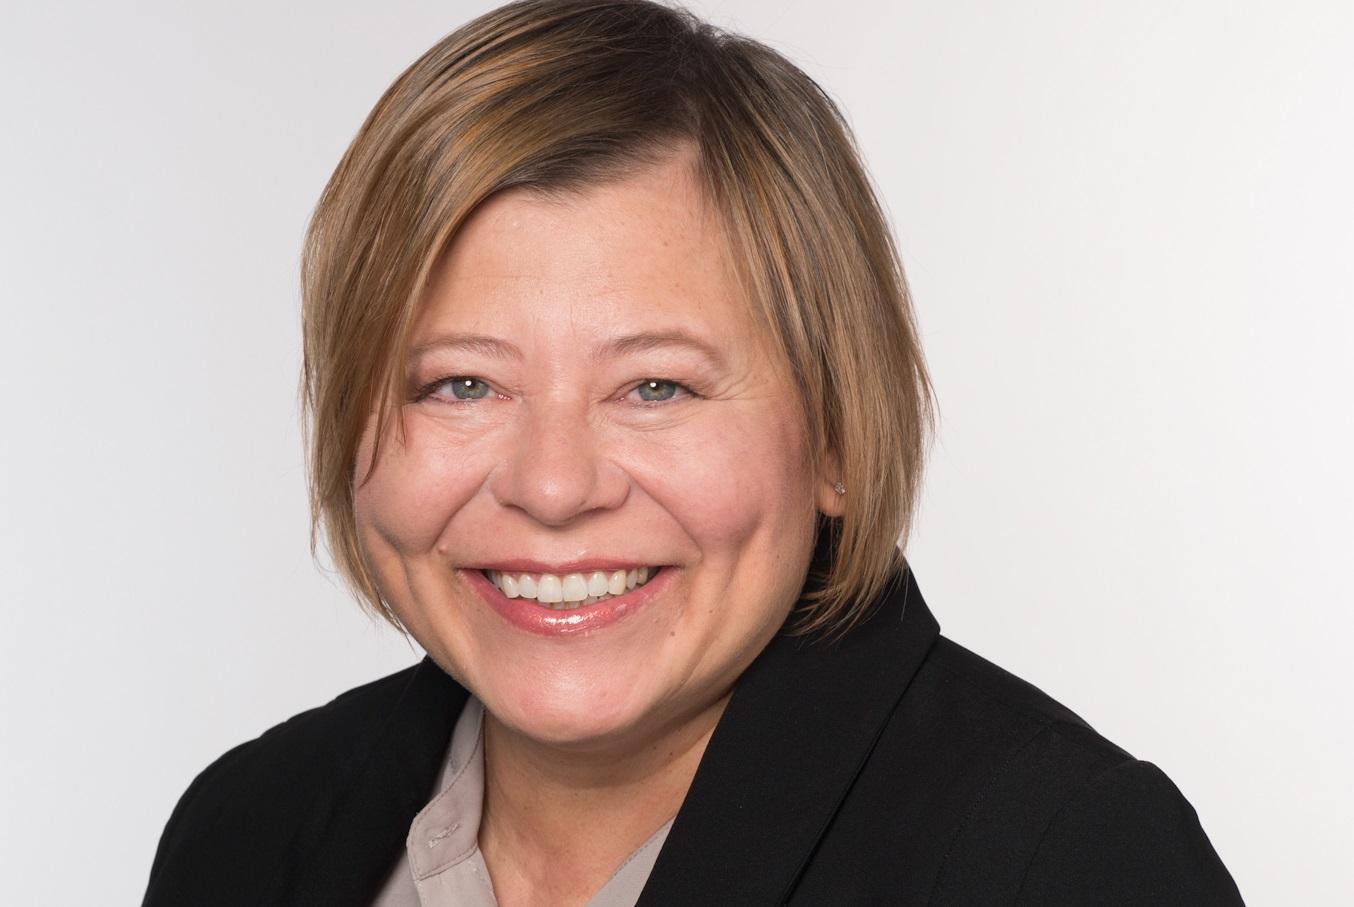 Sabine Hückmann